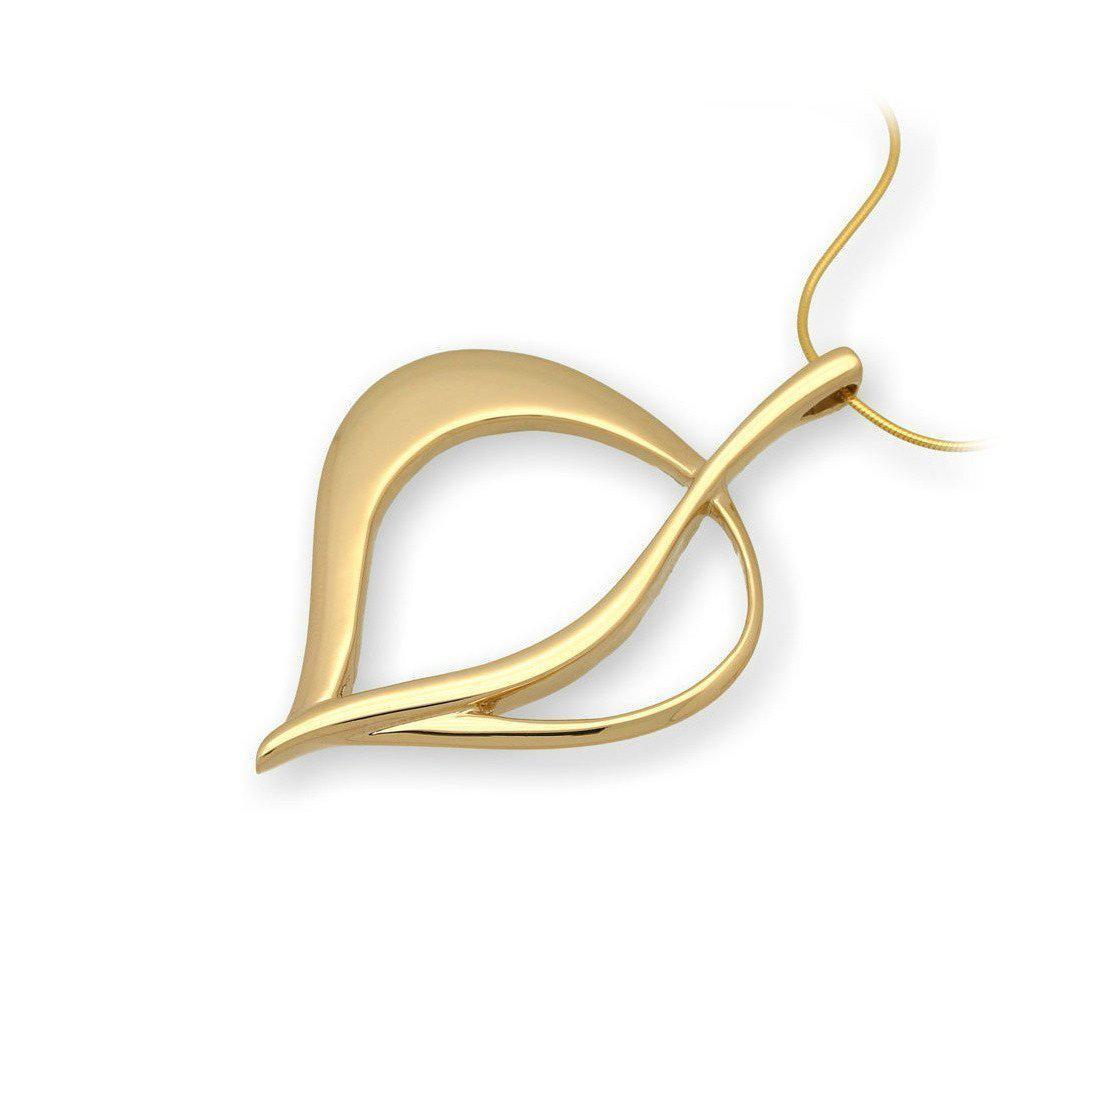 Ortak Leah Shadow Gold Earrings with Diamonds pEnWTG6N5